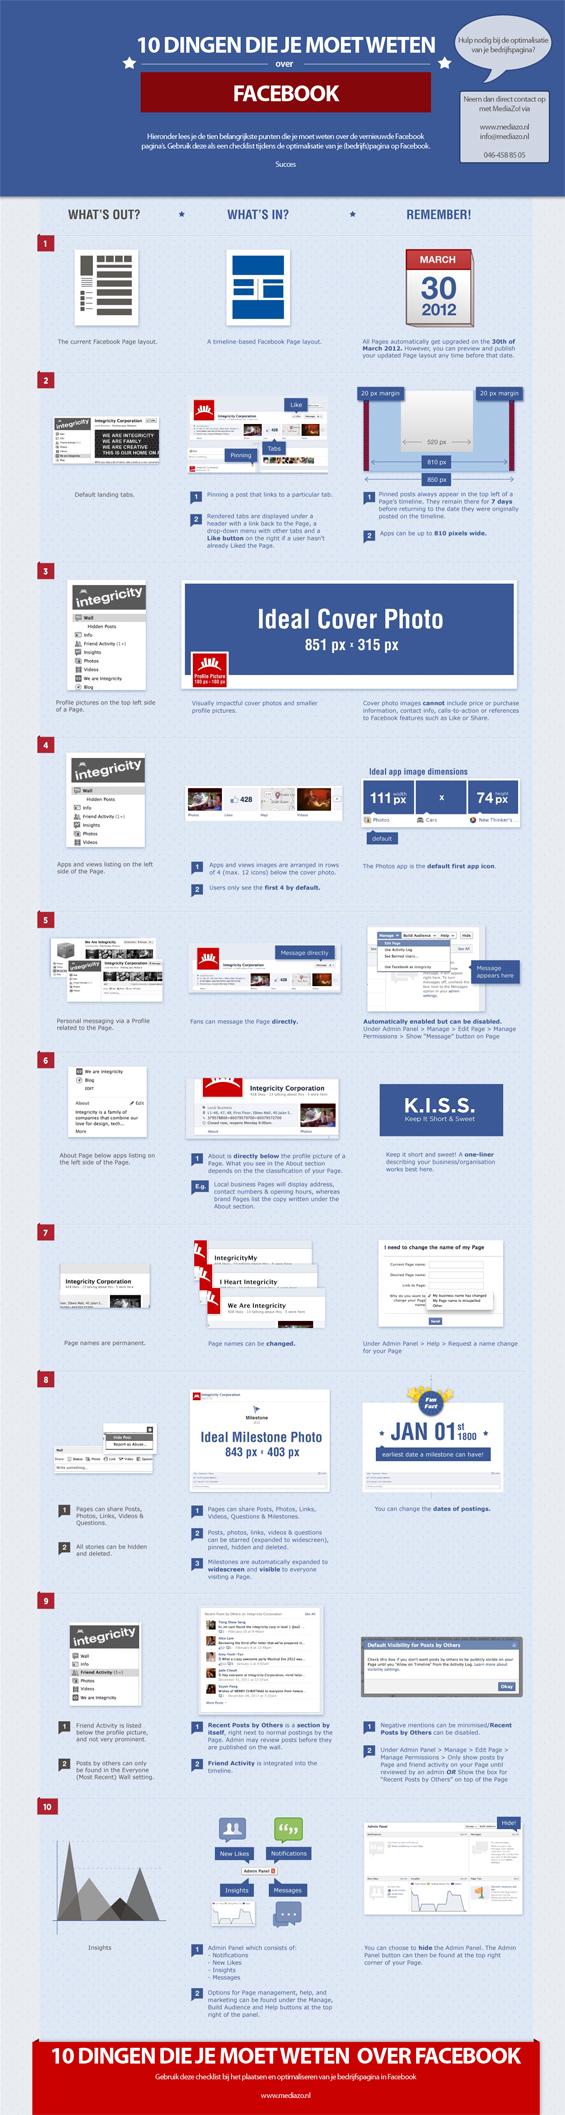 Tips voor bedrijfspagina op facebook